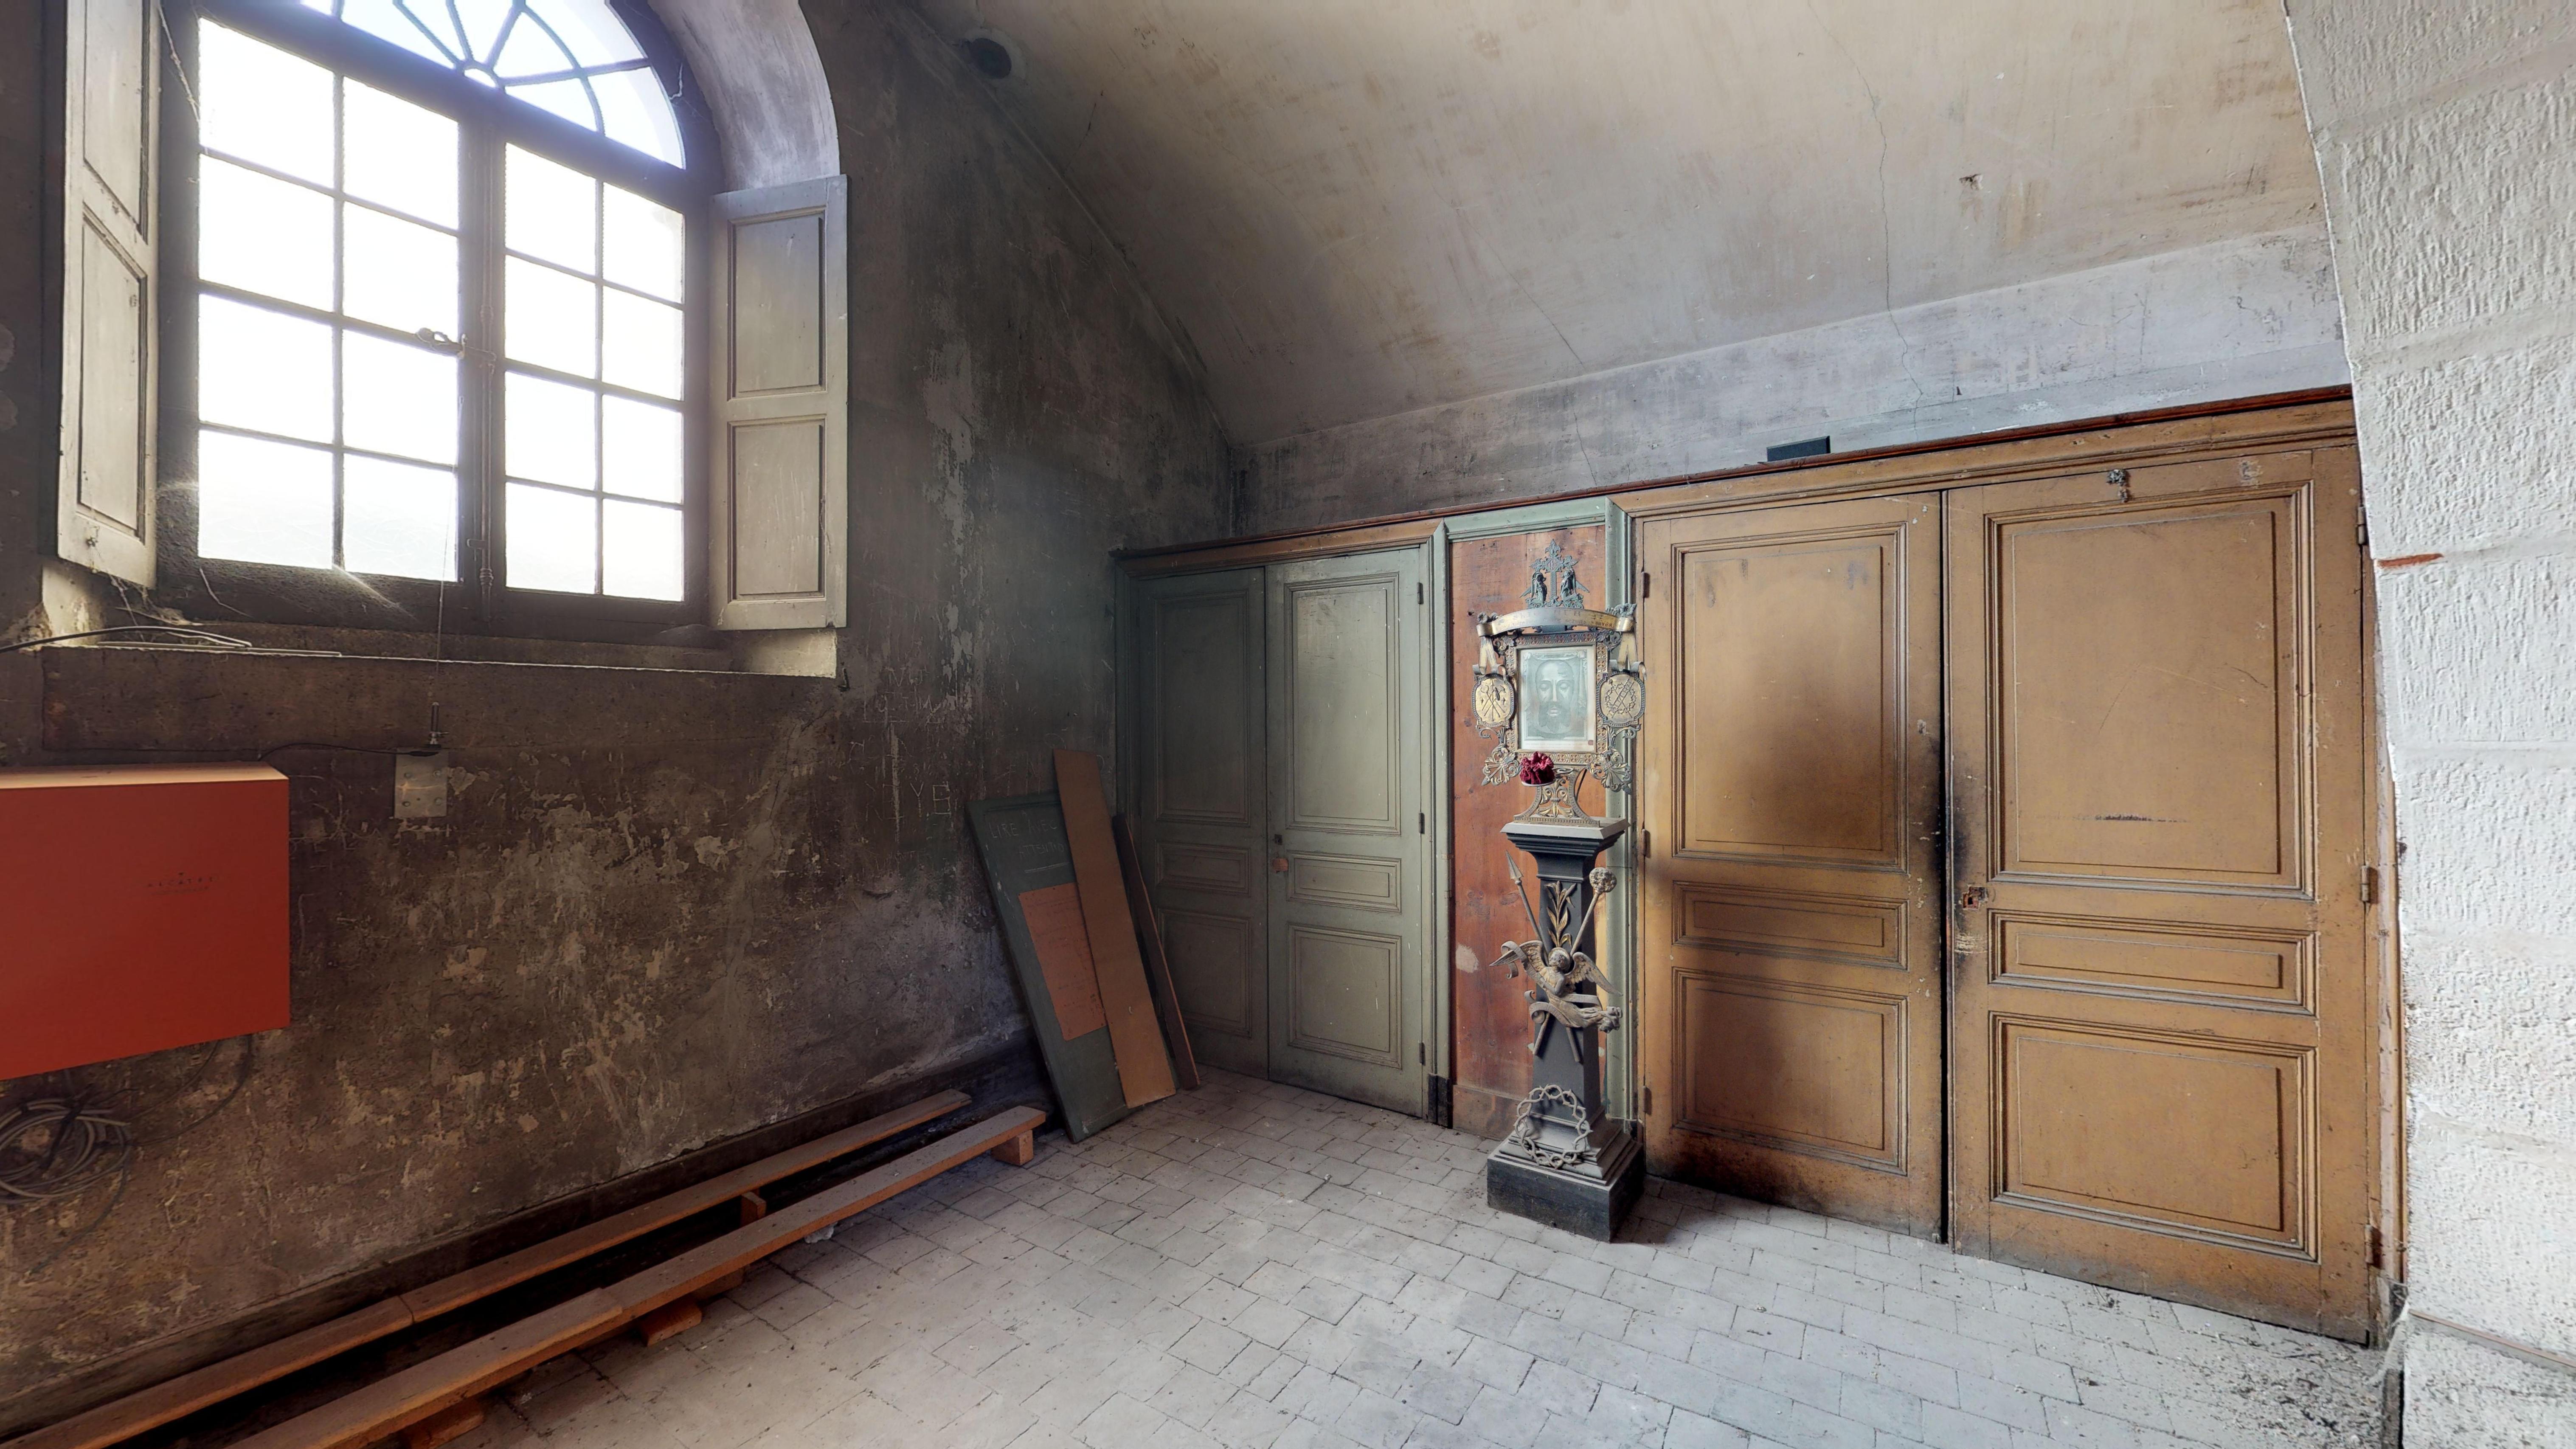 Eglise-Notre-Dame-2018-visage-jésus